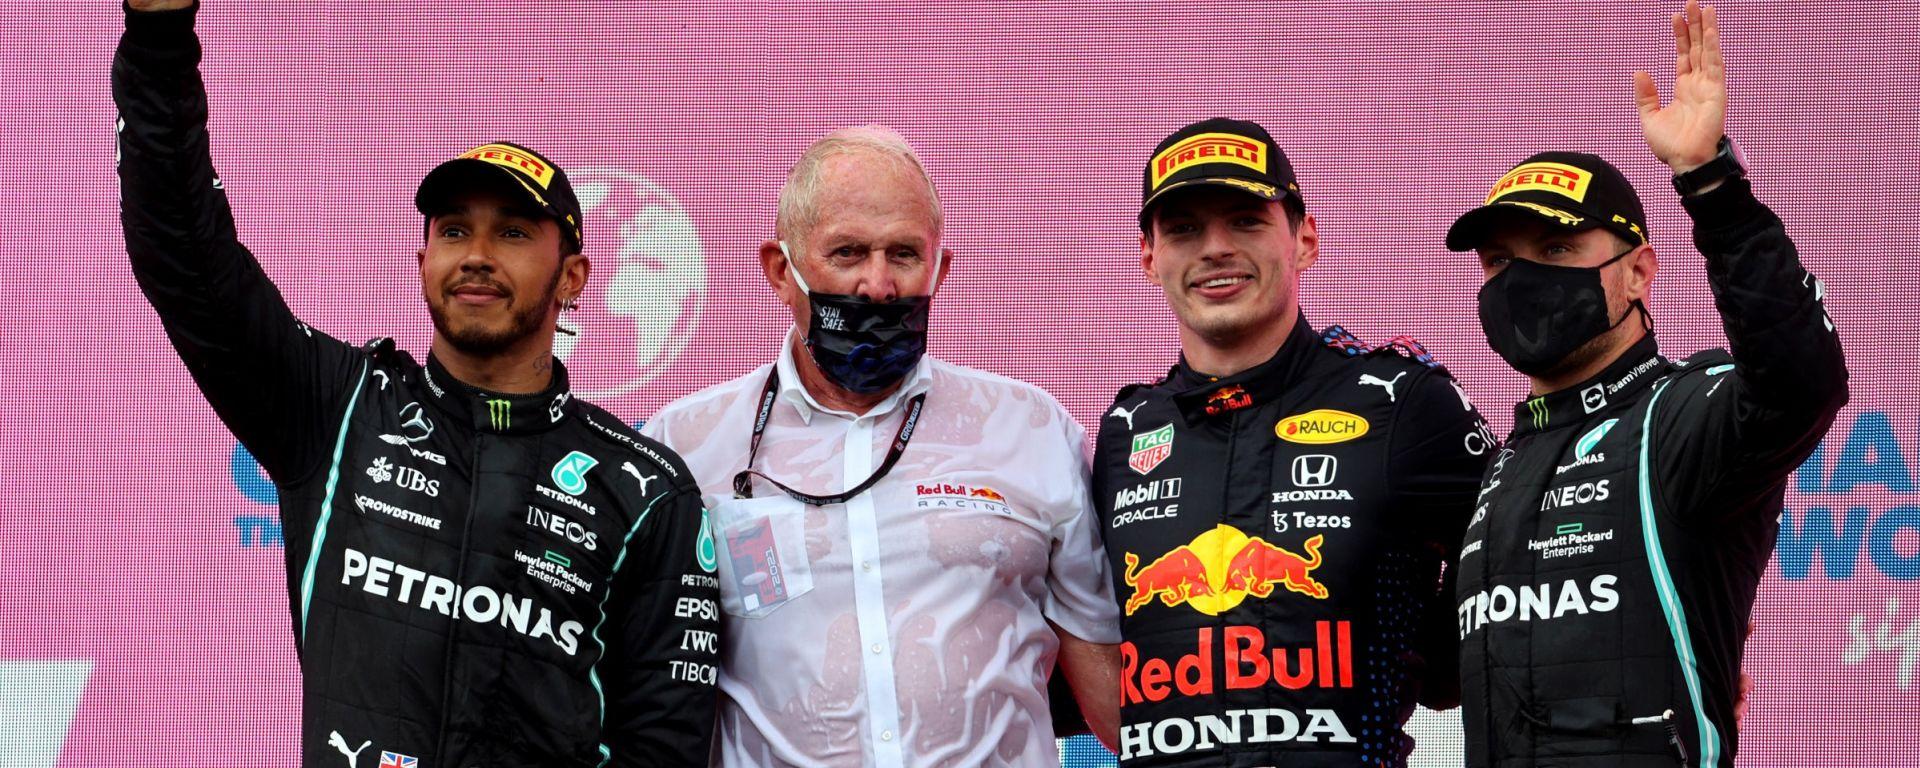 F1, GP Stiria 2021: il podio con Lewis Hamilton, Max Verstappen e Valtteri Bottas